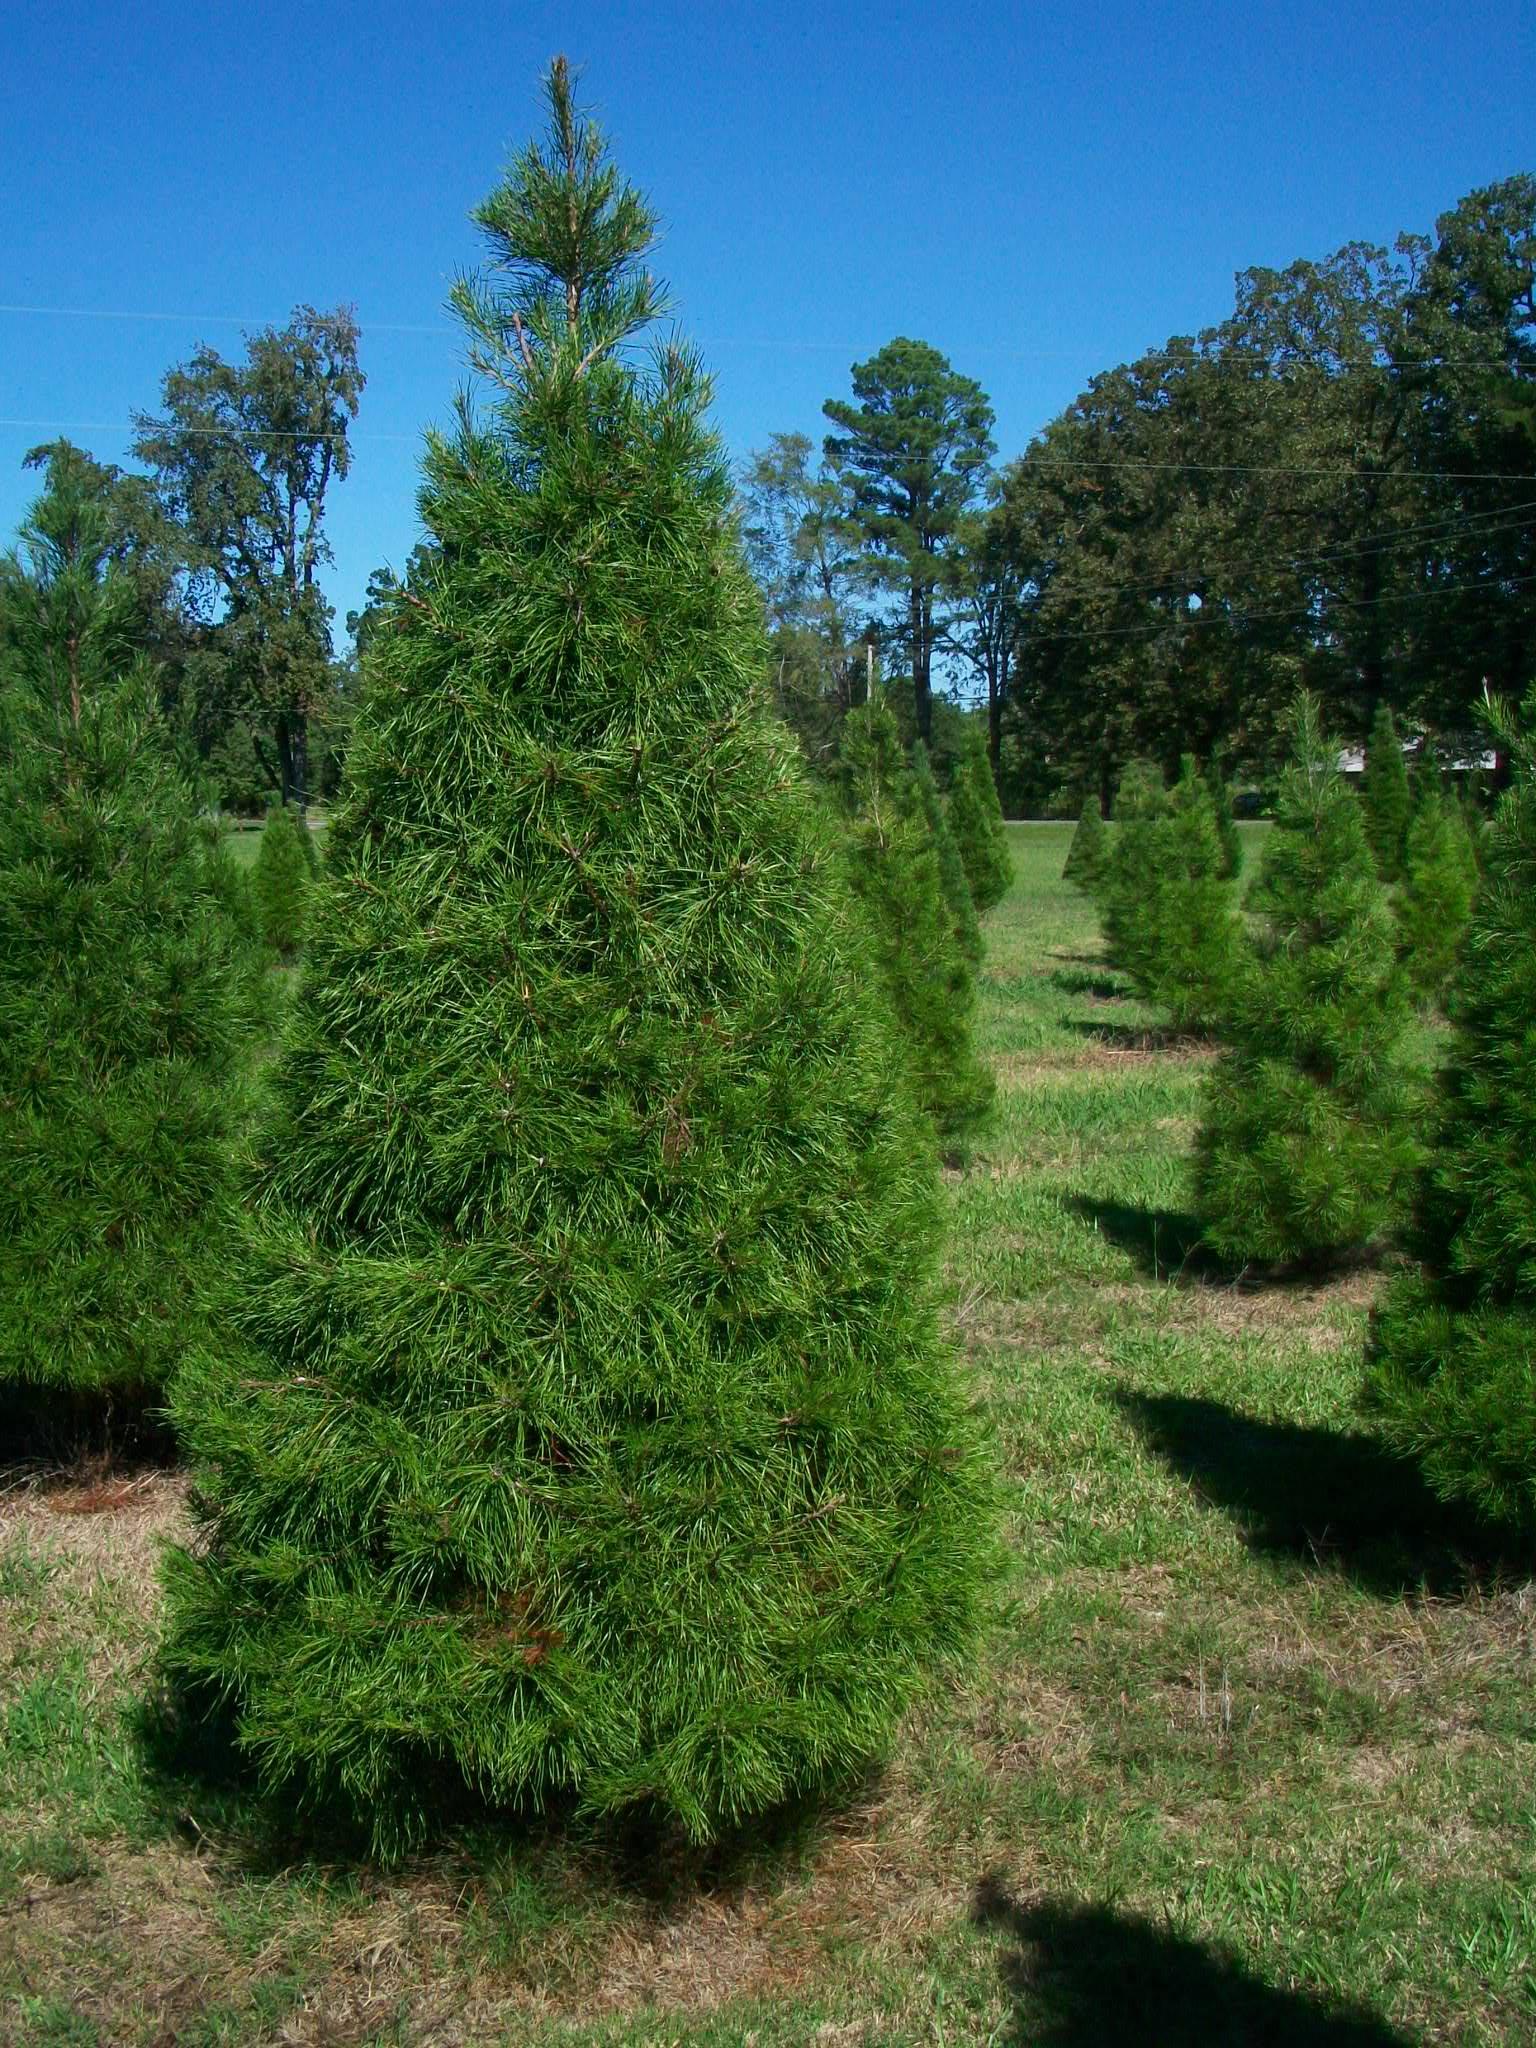 Hughes christmas tree farm 5501 linton cutoff road benton la 71006